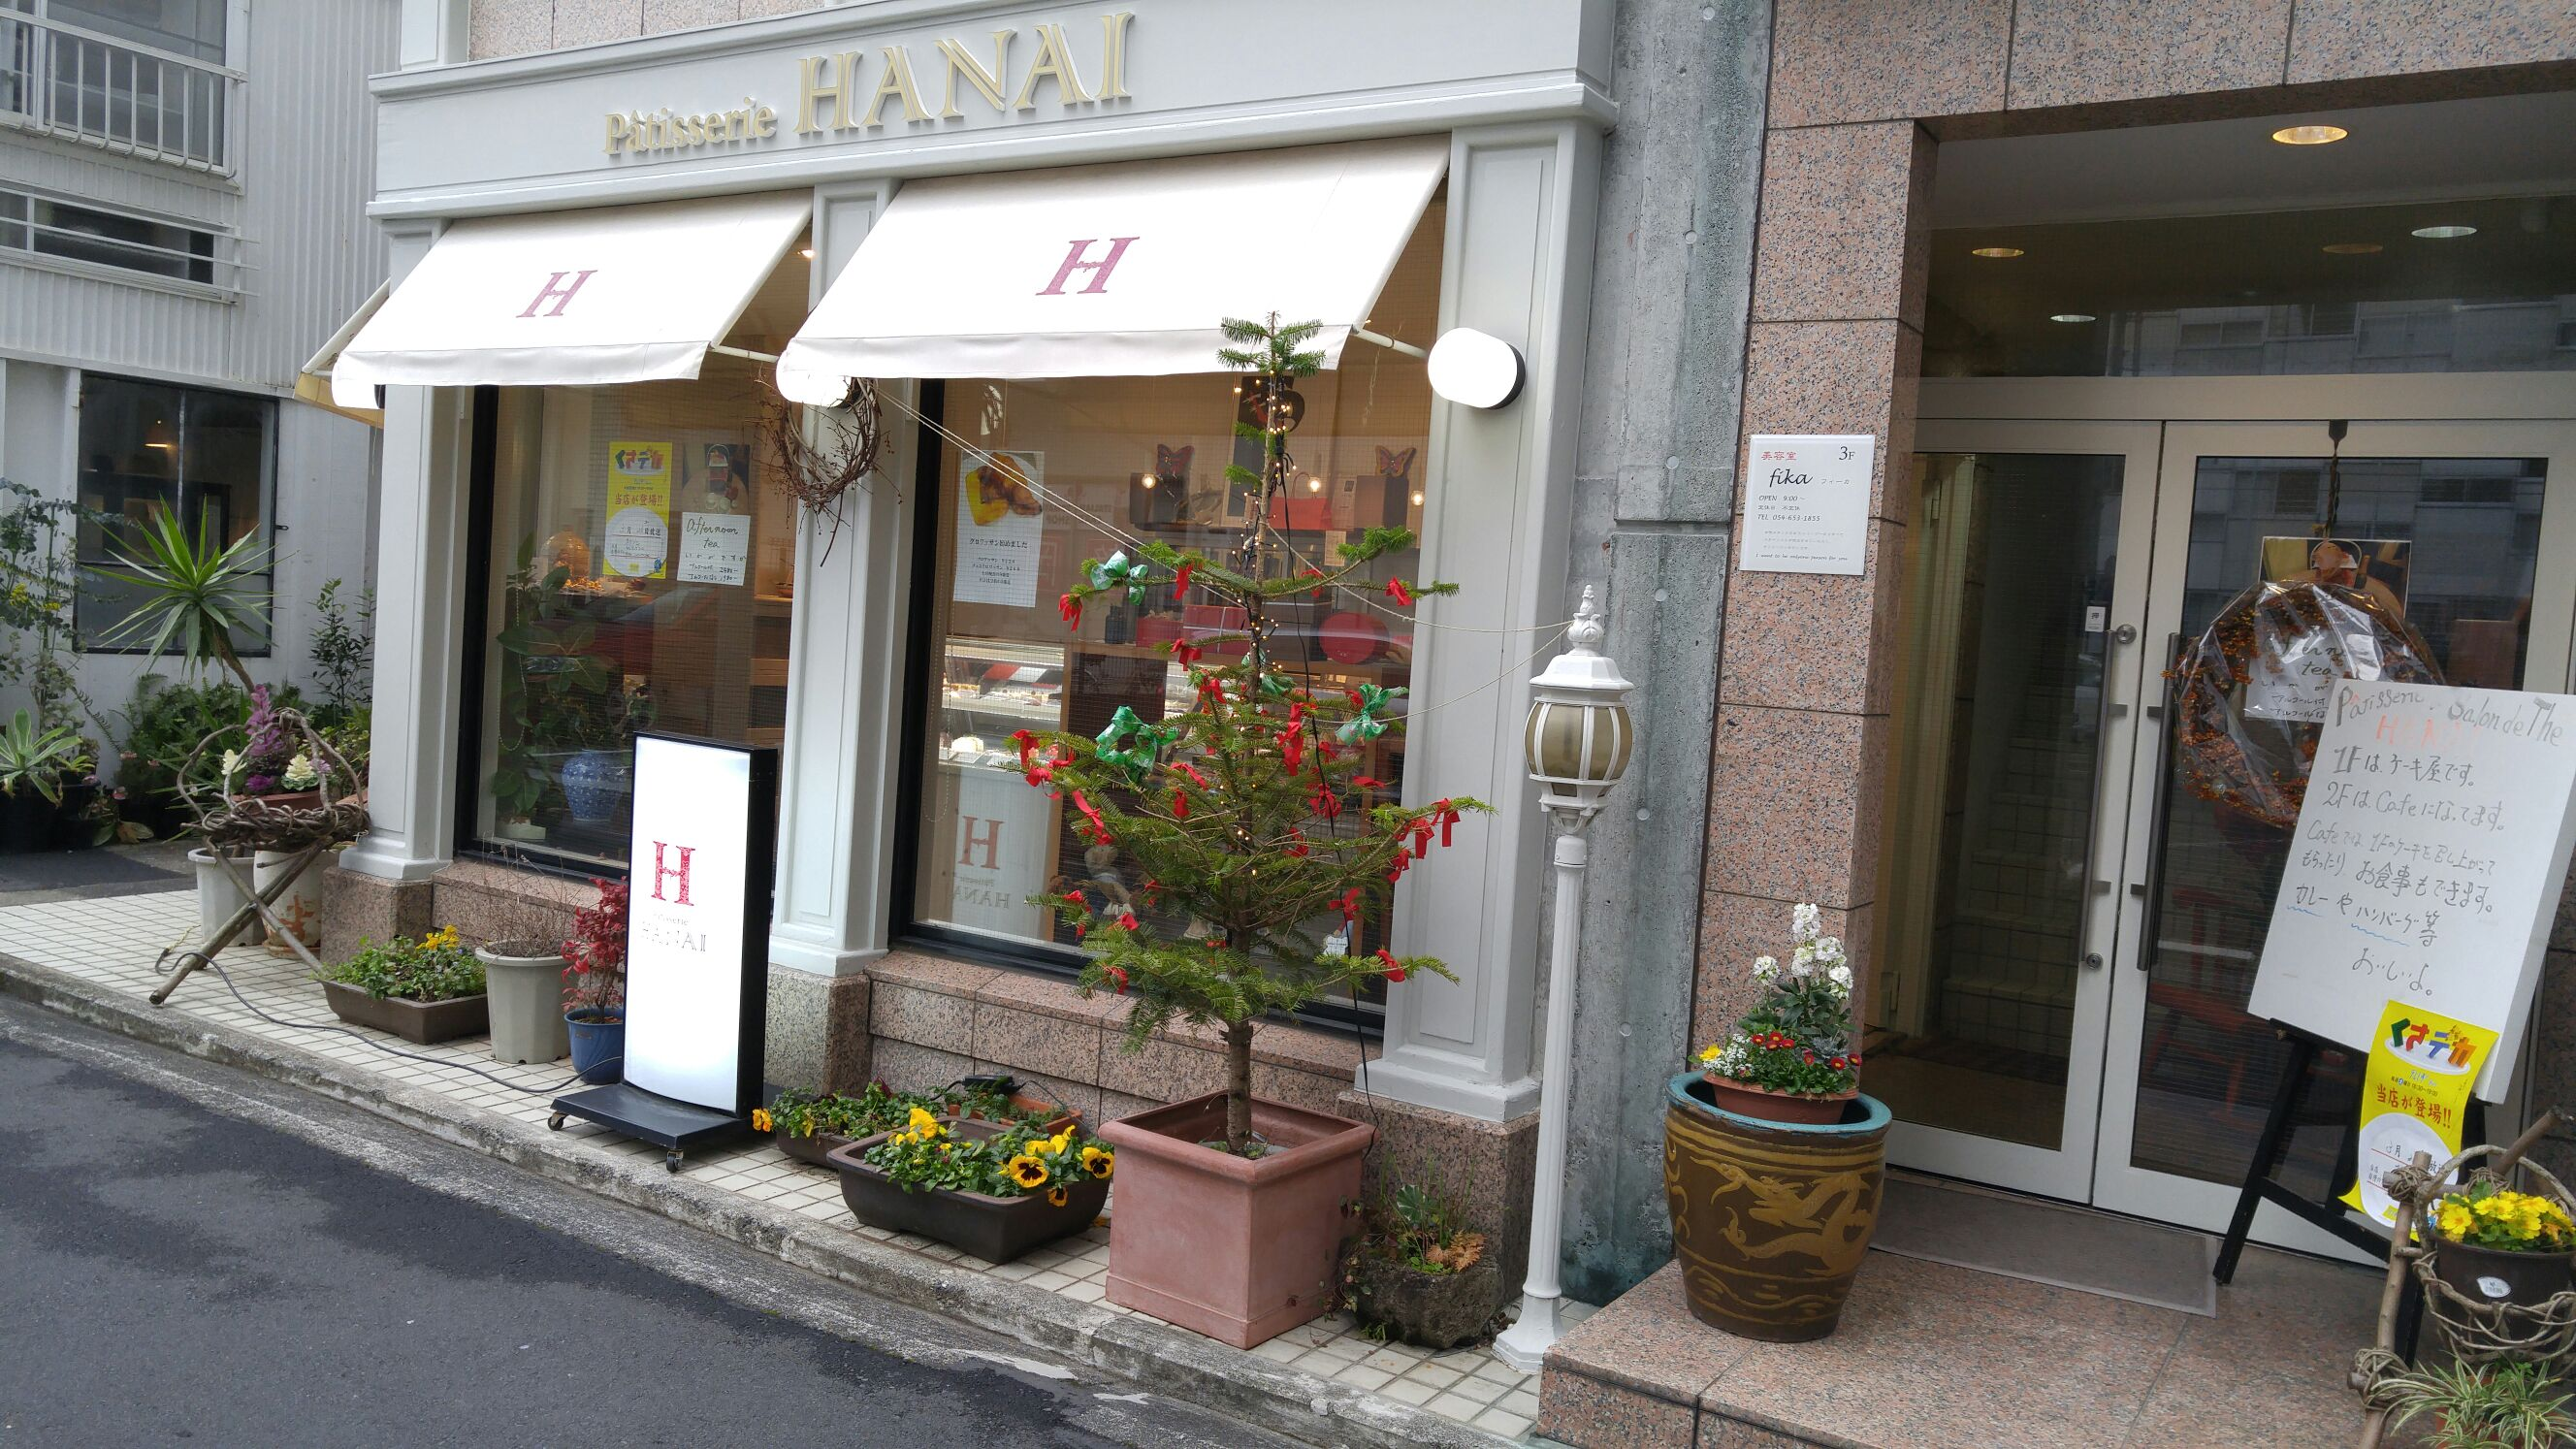 HANAI-NOISETTE-2